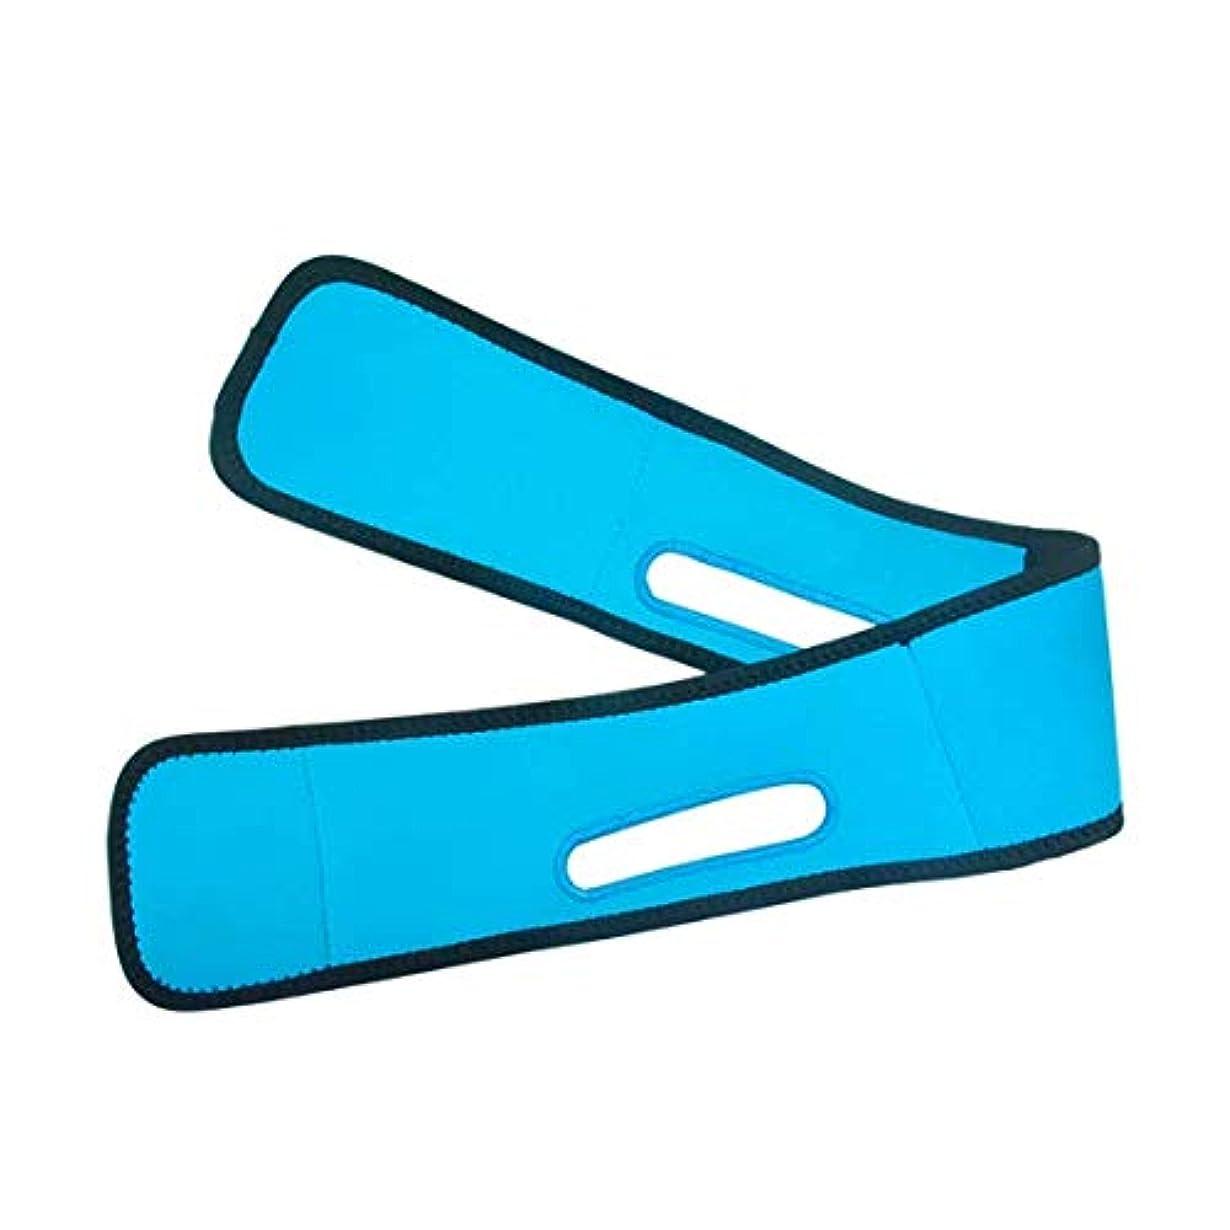 知恵マイコントランジスタスリミングベルト、フェイスマスクVフェイスアーティファクトマッサージマスクで顎の筋肉の収縮を強化し、Vフェイスリフトのタイトな包帯を簡単に形成